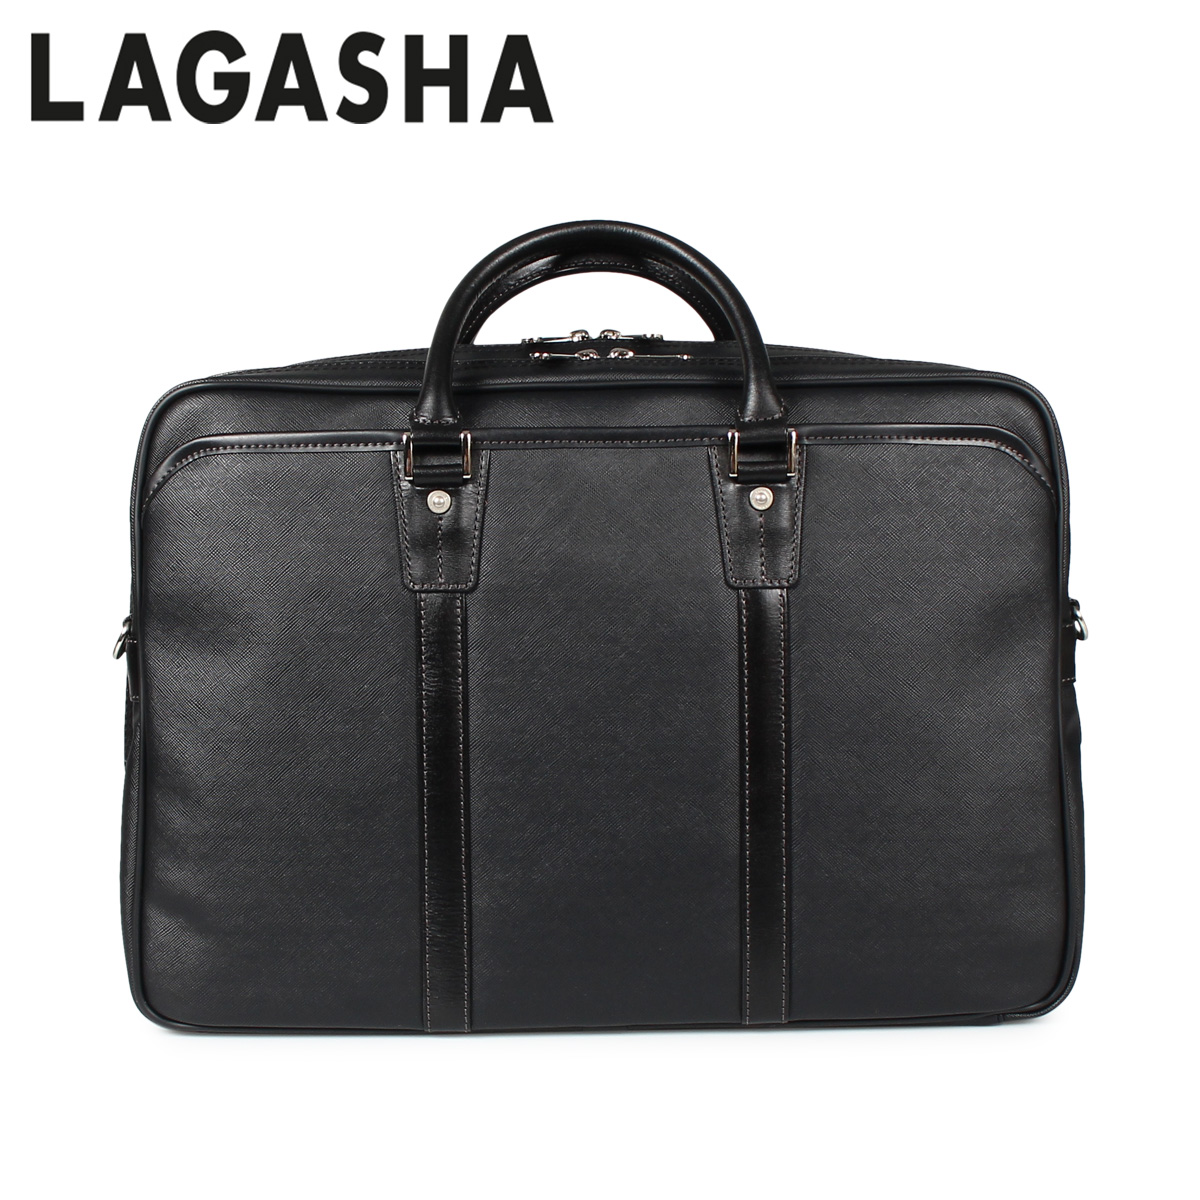 LAGASHA QUADRO ラガシャ クアドロ バッグ ビジネスバッグ ブリーフケース メンズ ブラック 黒 7718